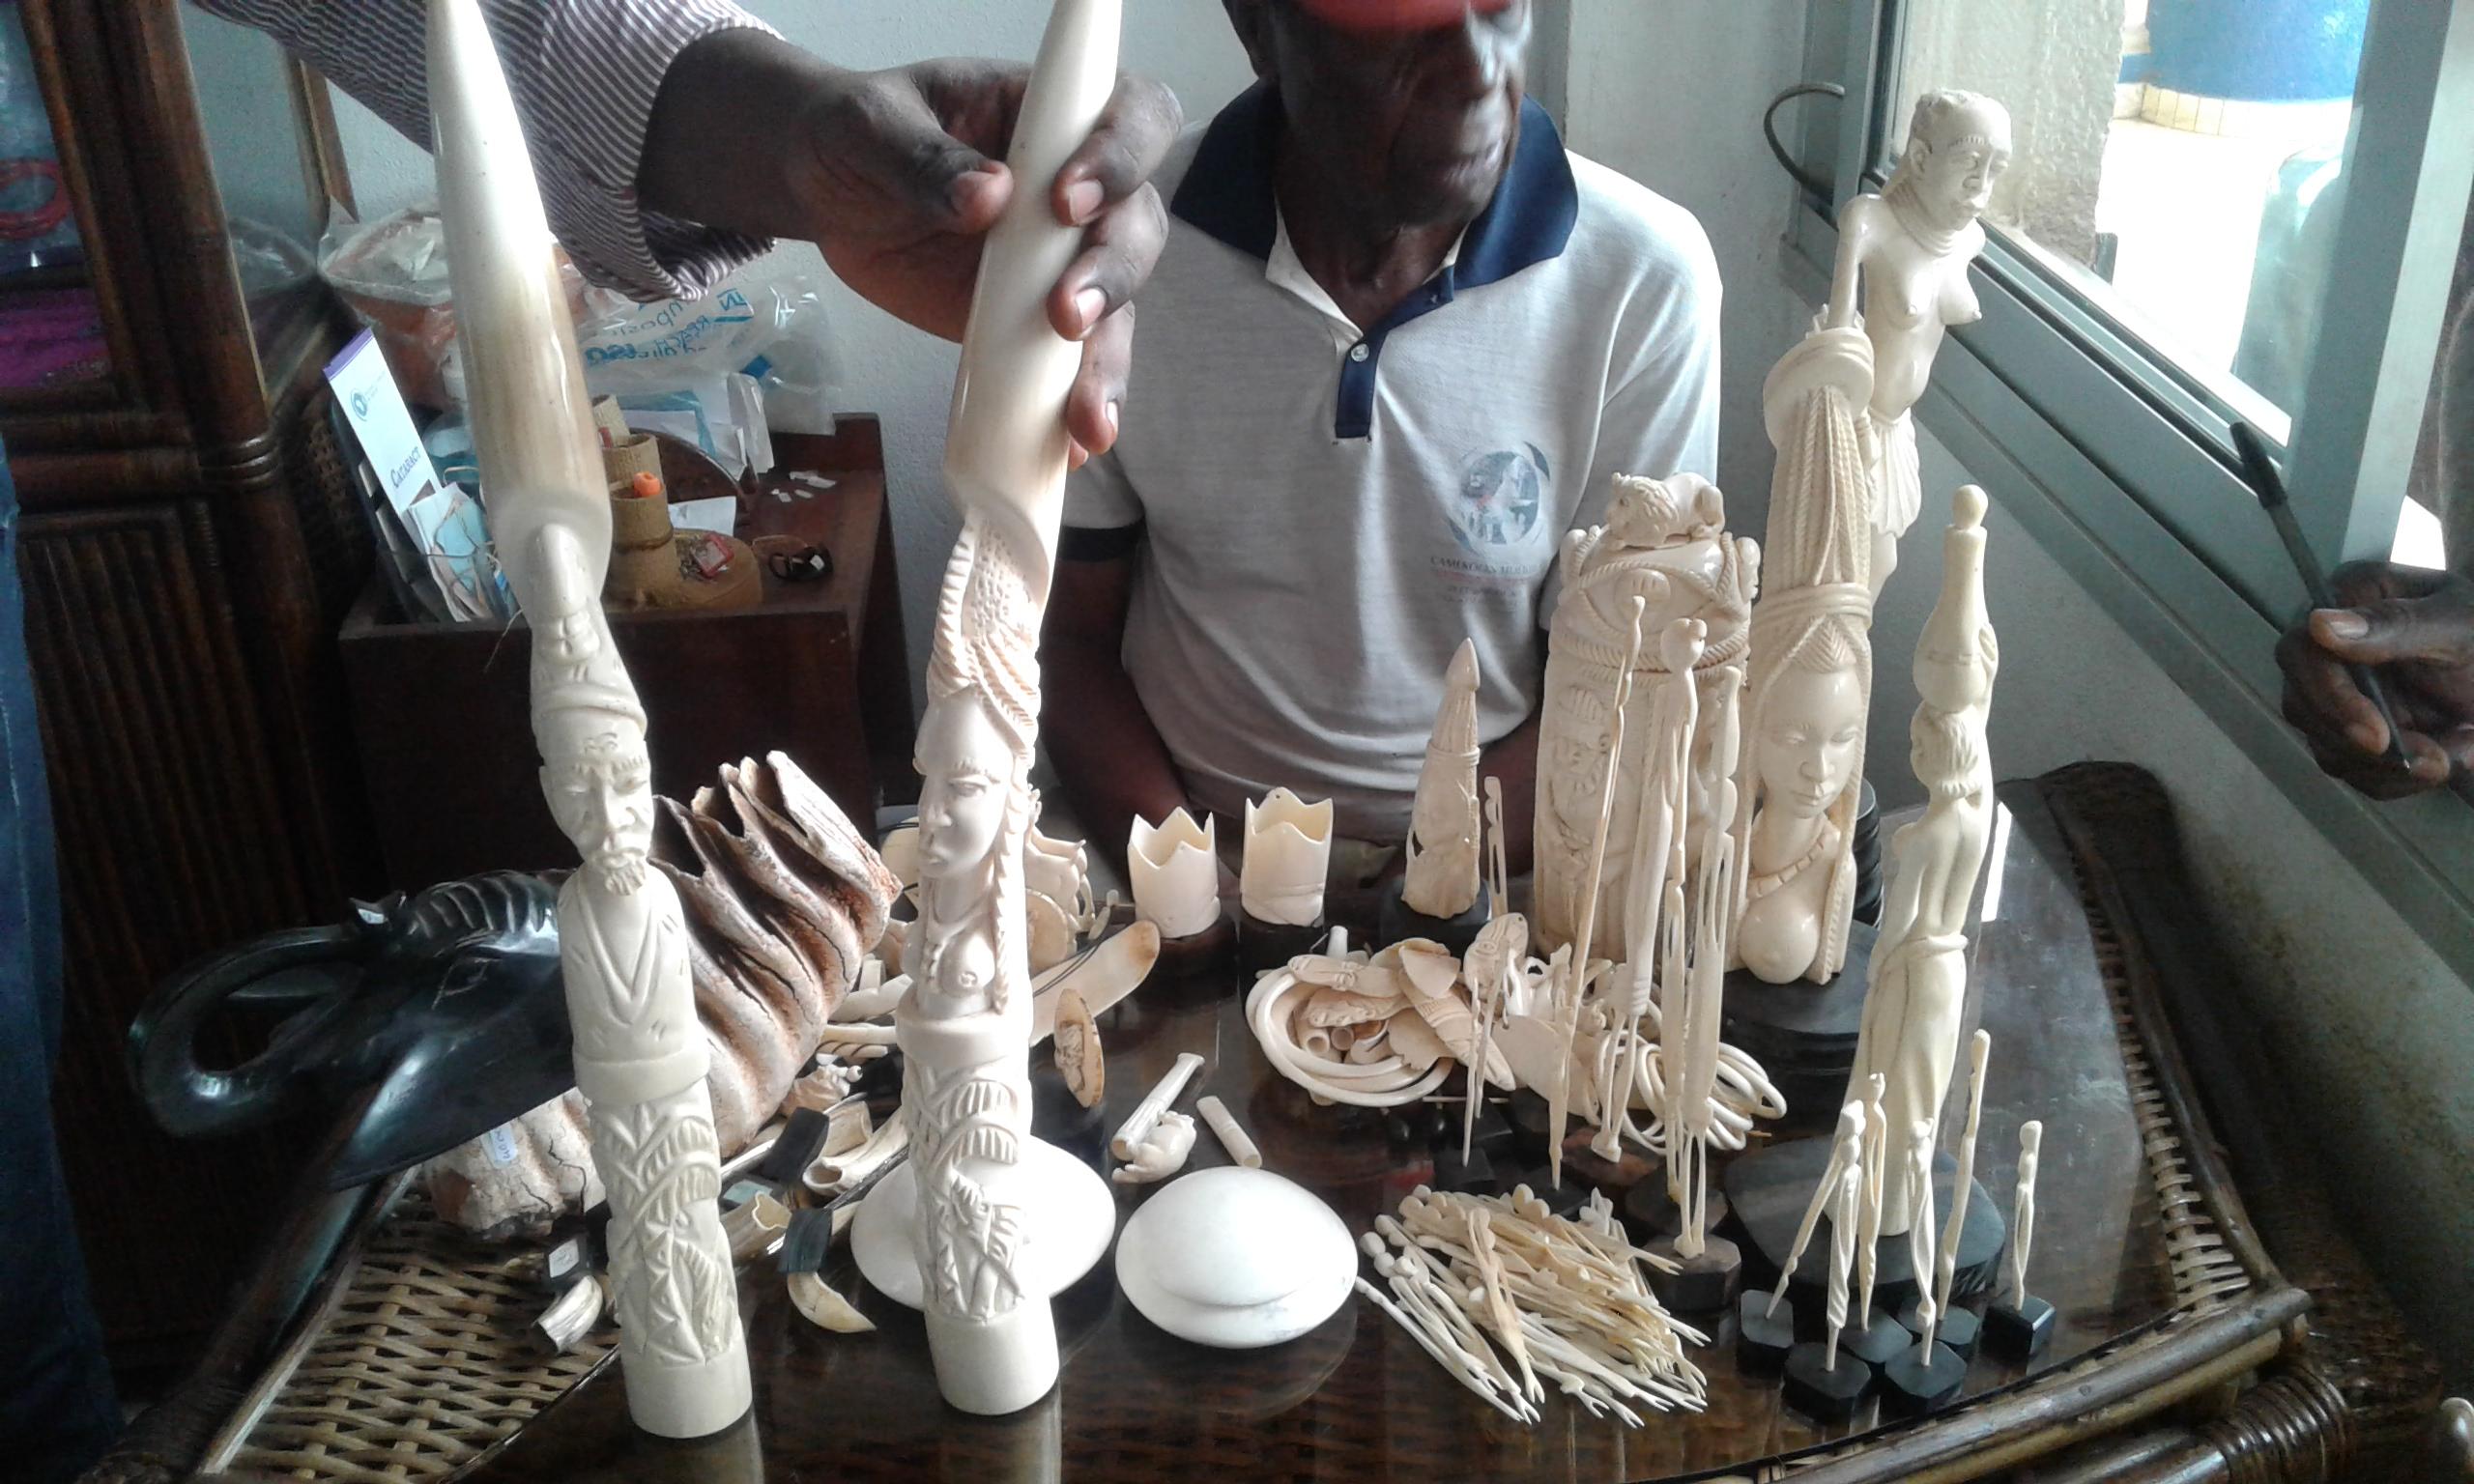 Les enquêtes  ont démontré que les Chinois sont généralement les principaux acheteurs d'ivoire de cette boutique.